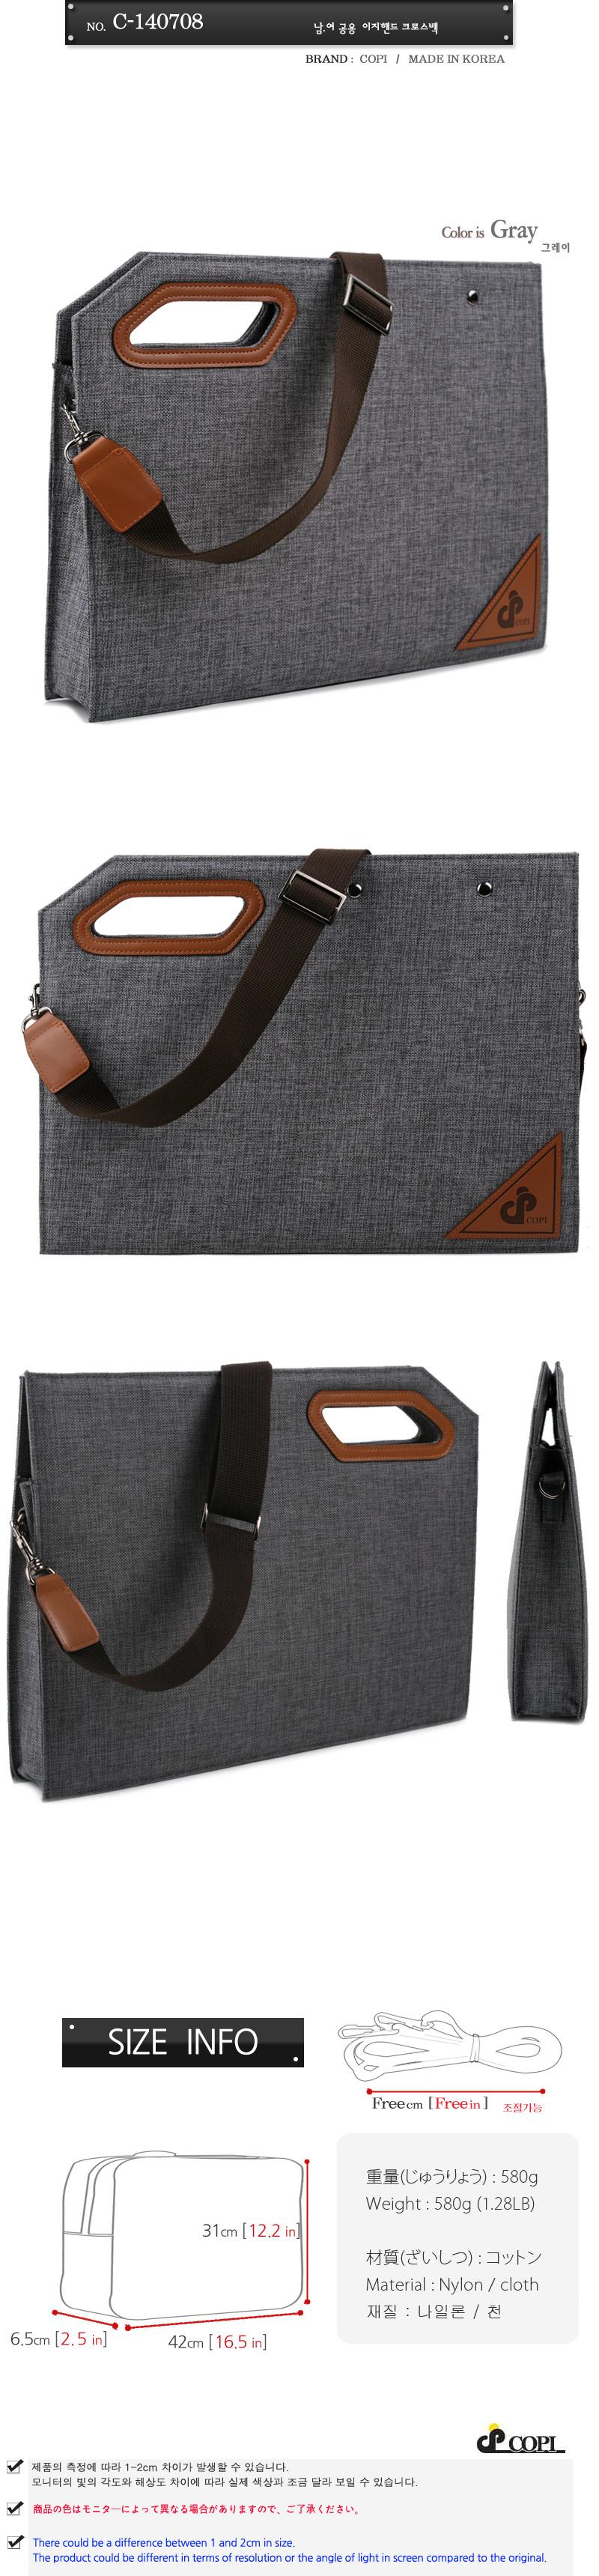 copi handbag no.C-140708view